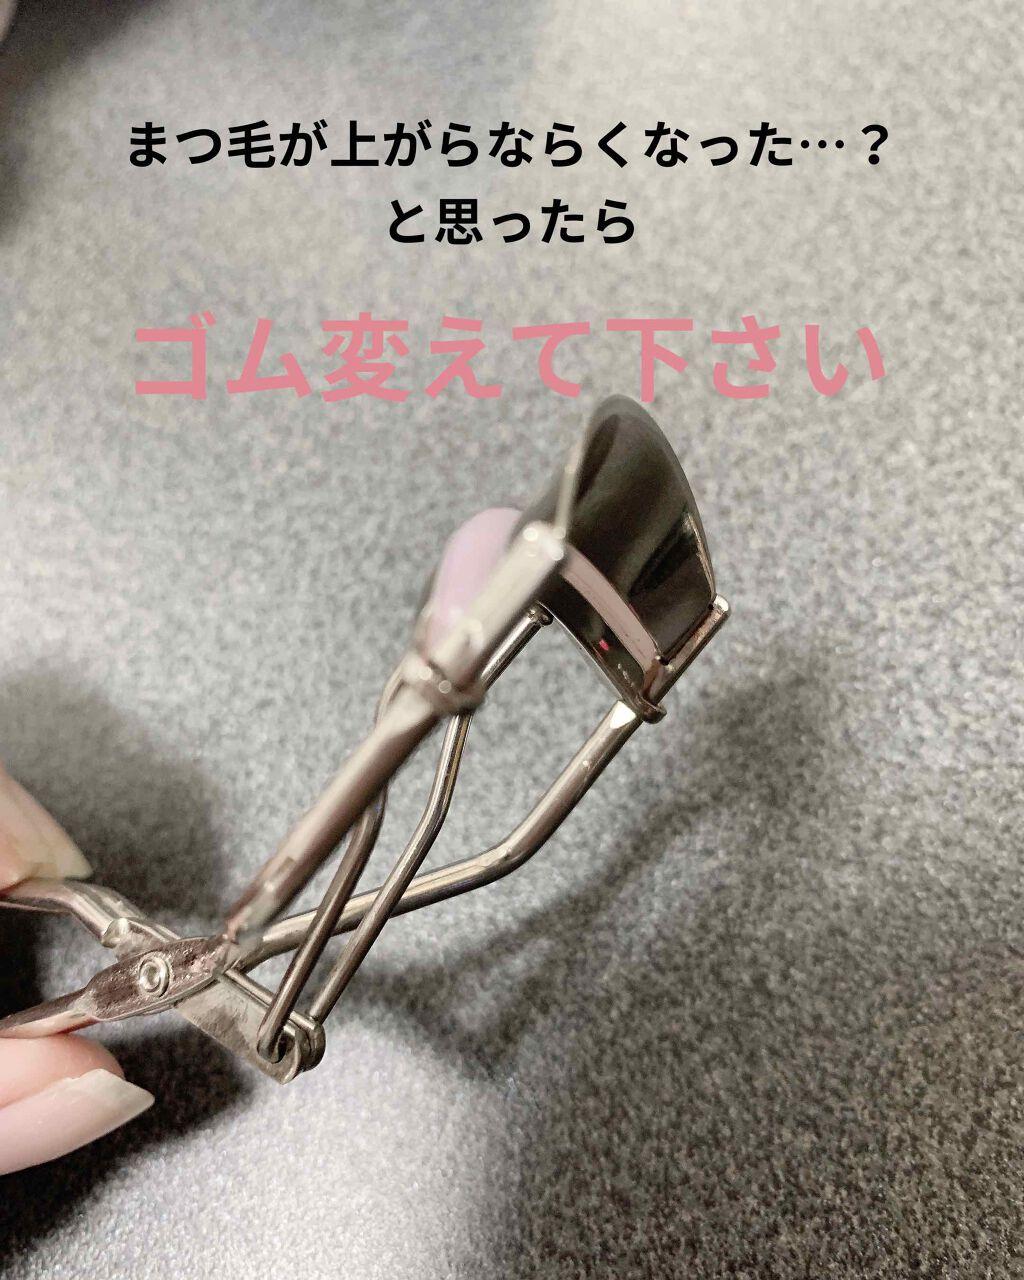 https://cdn.lipscosme.com/image/aefaf04d591e0d0df15eb39d-1605260962-thumb.png